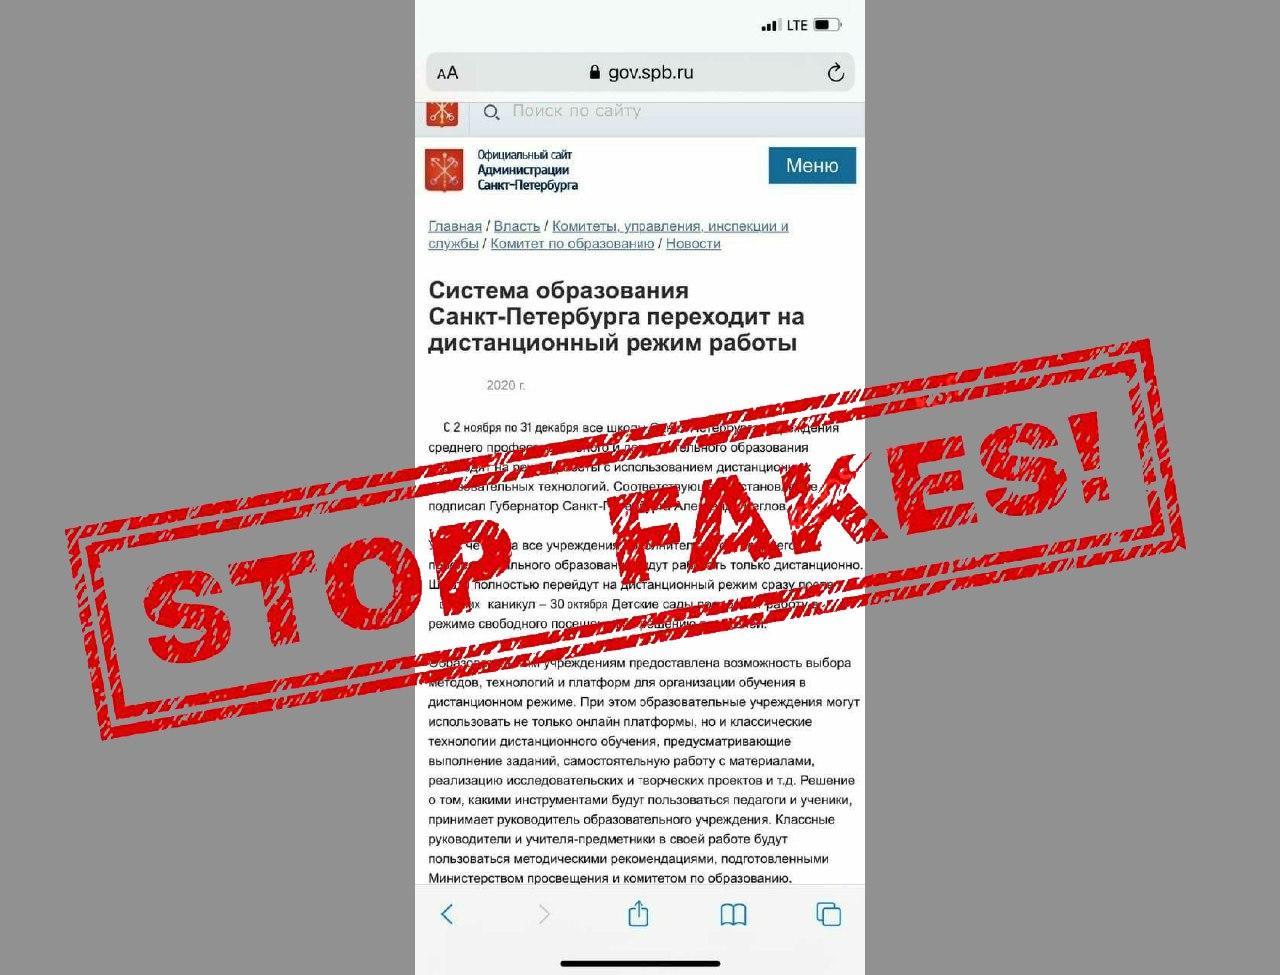 Жителям Санкт-Петербурга рассылают фейк о закрытии школ со 2 ноября